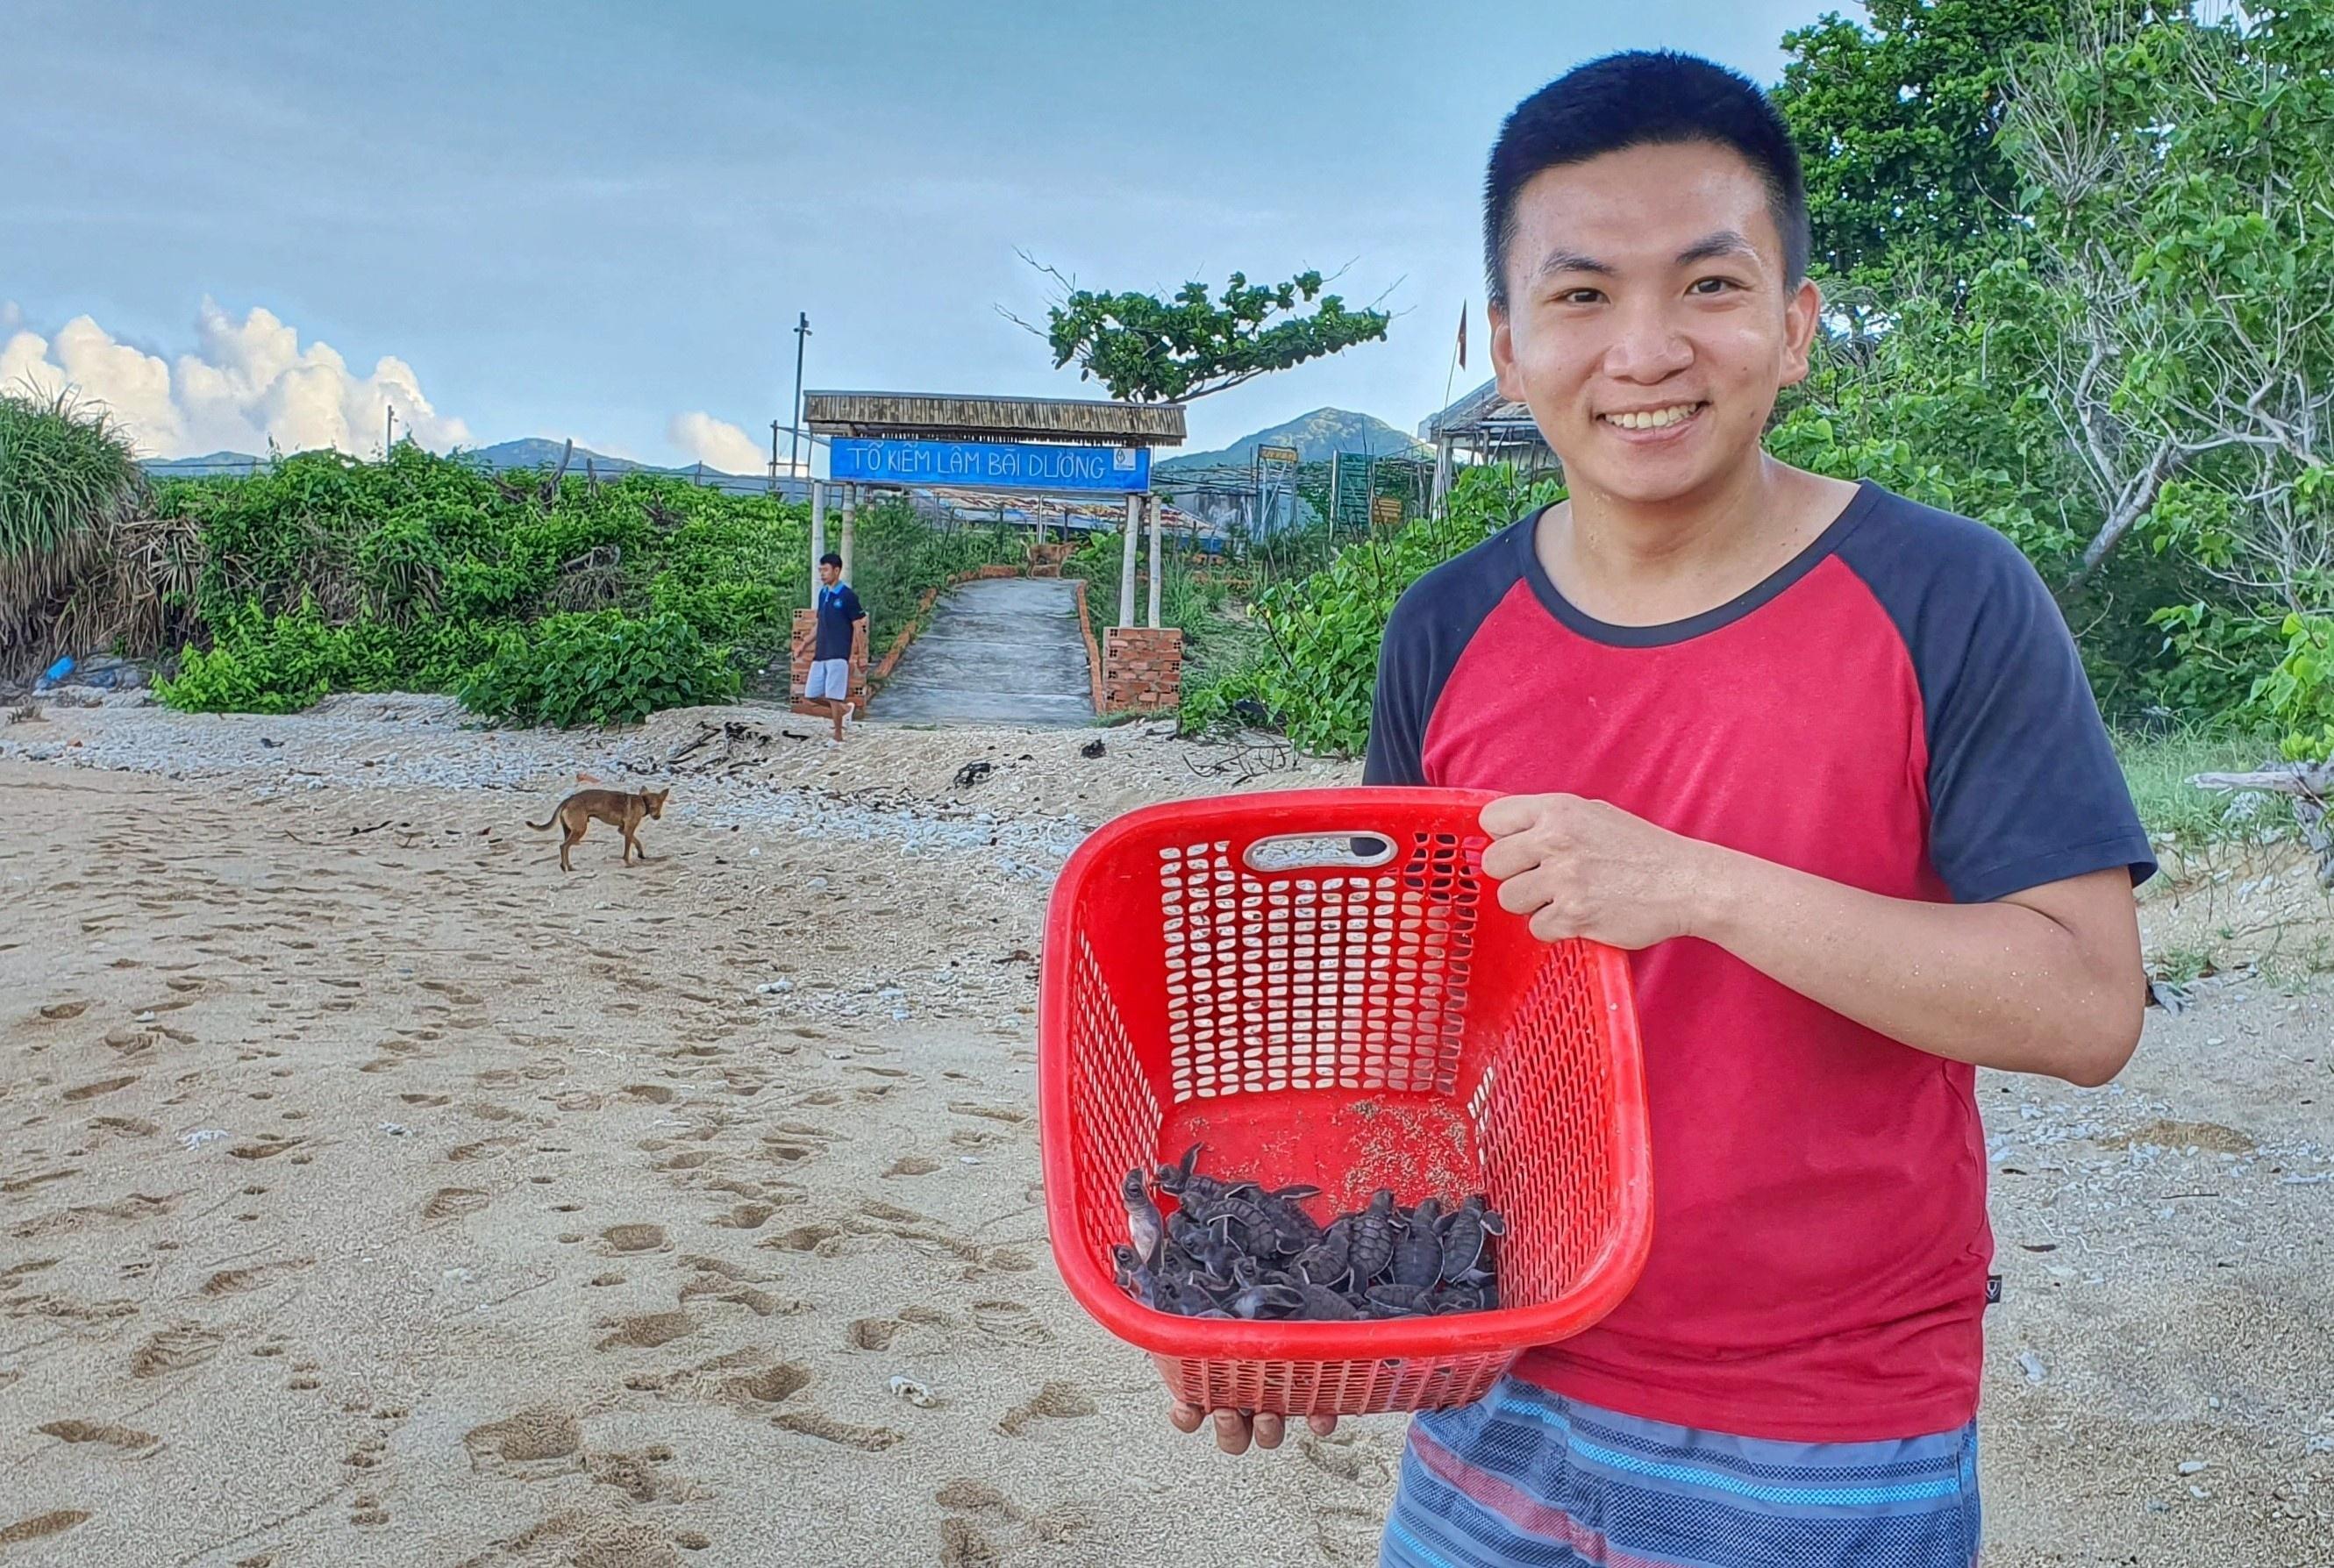 Hành trình 10 ngày 'đỡ đẻ' cho rùa ở Côn Đảo